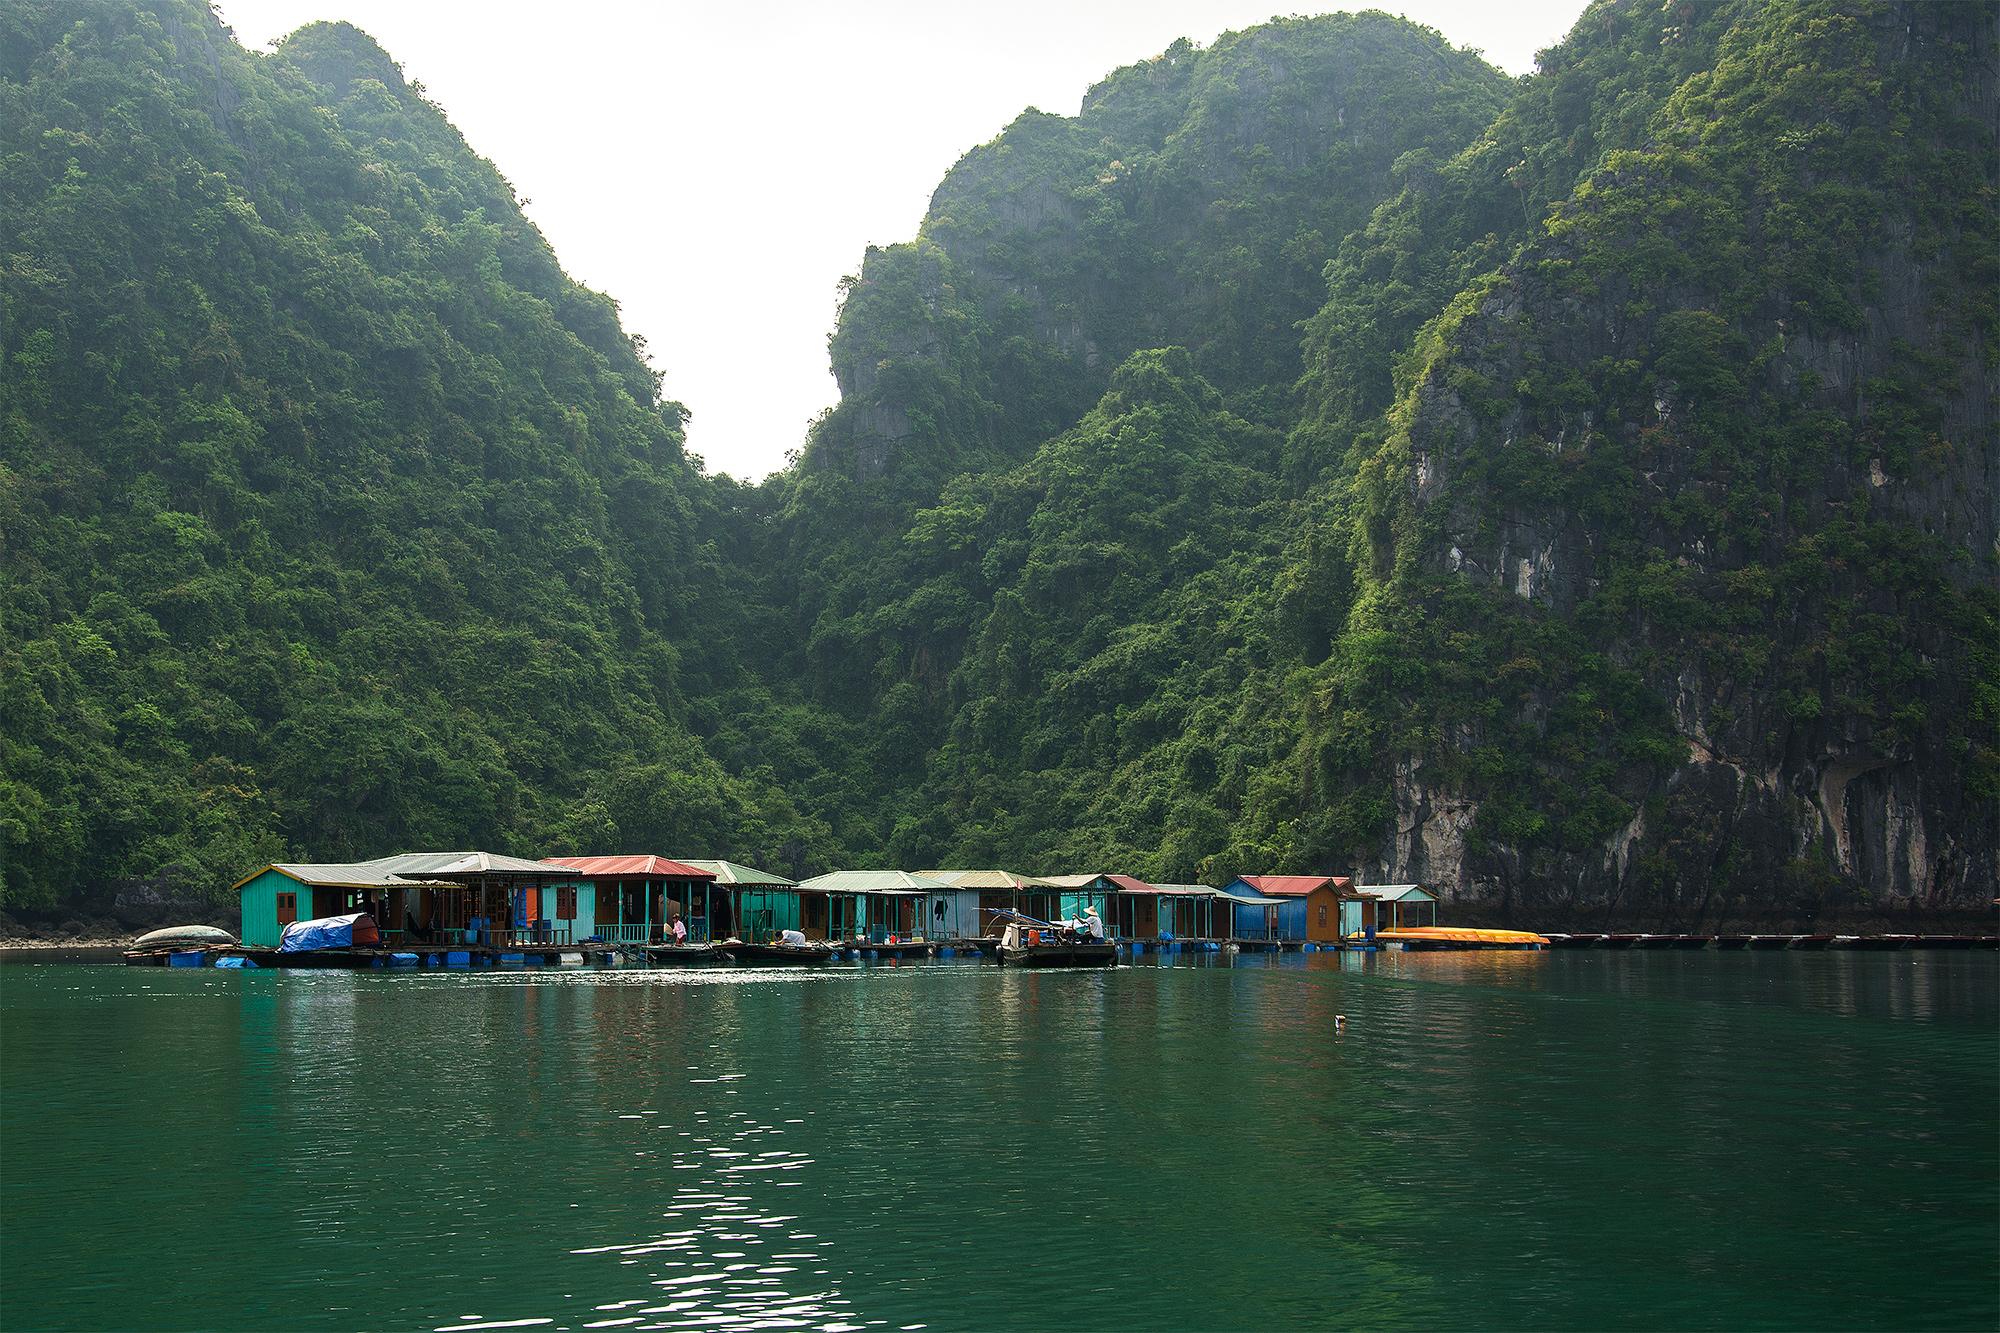 Villaggio dei pescatori...